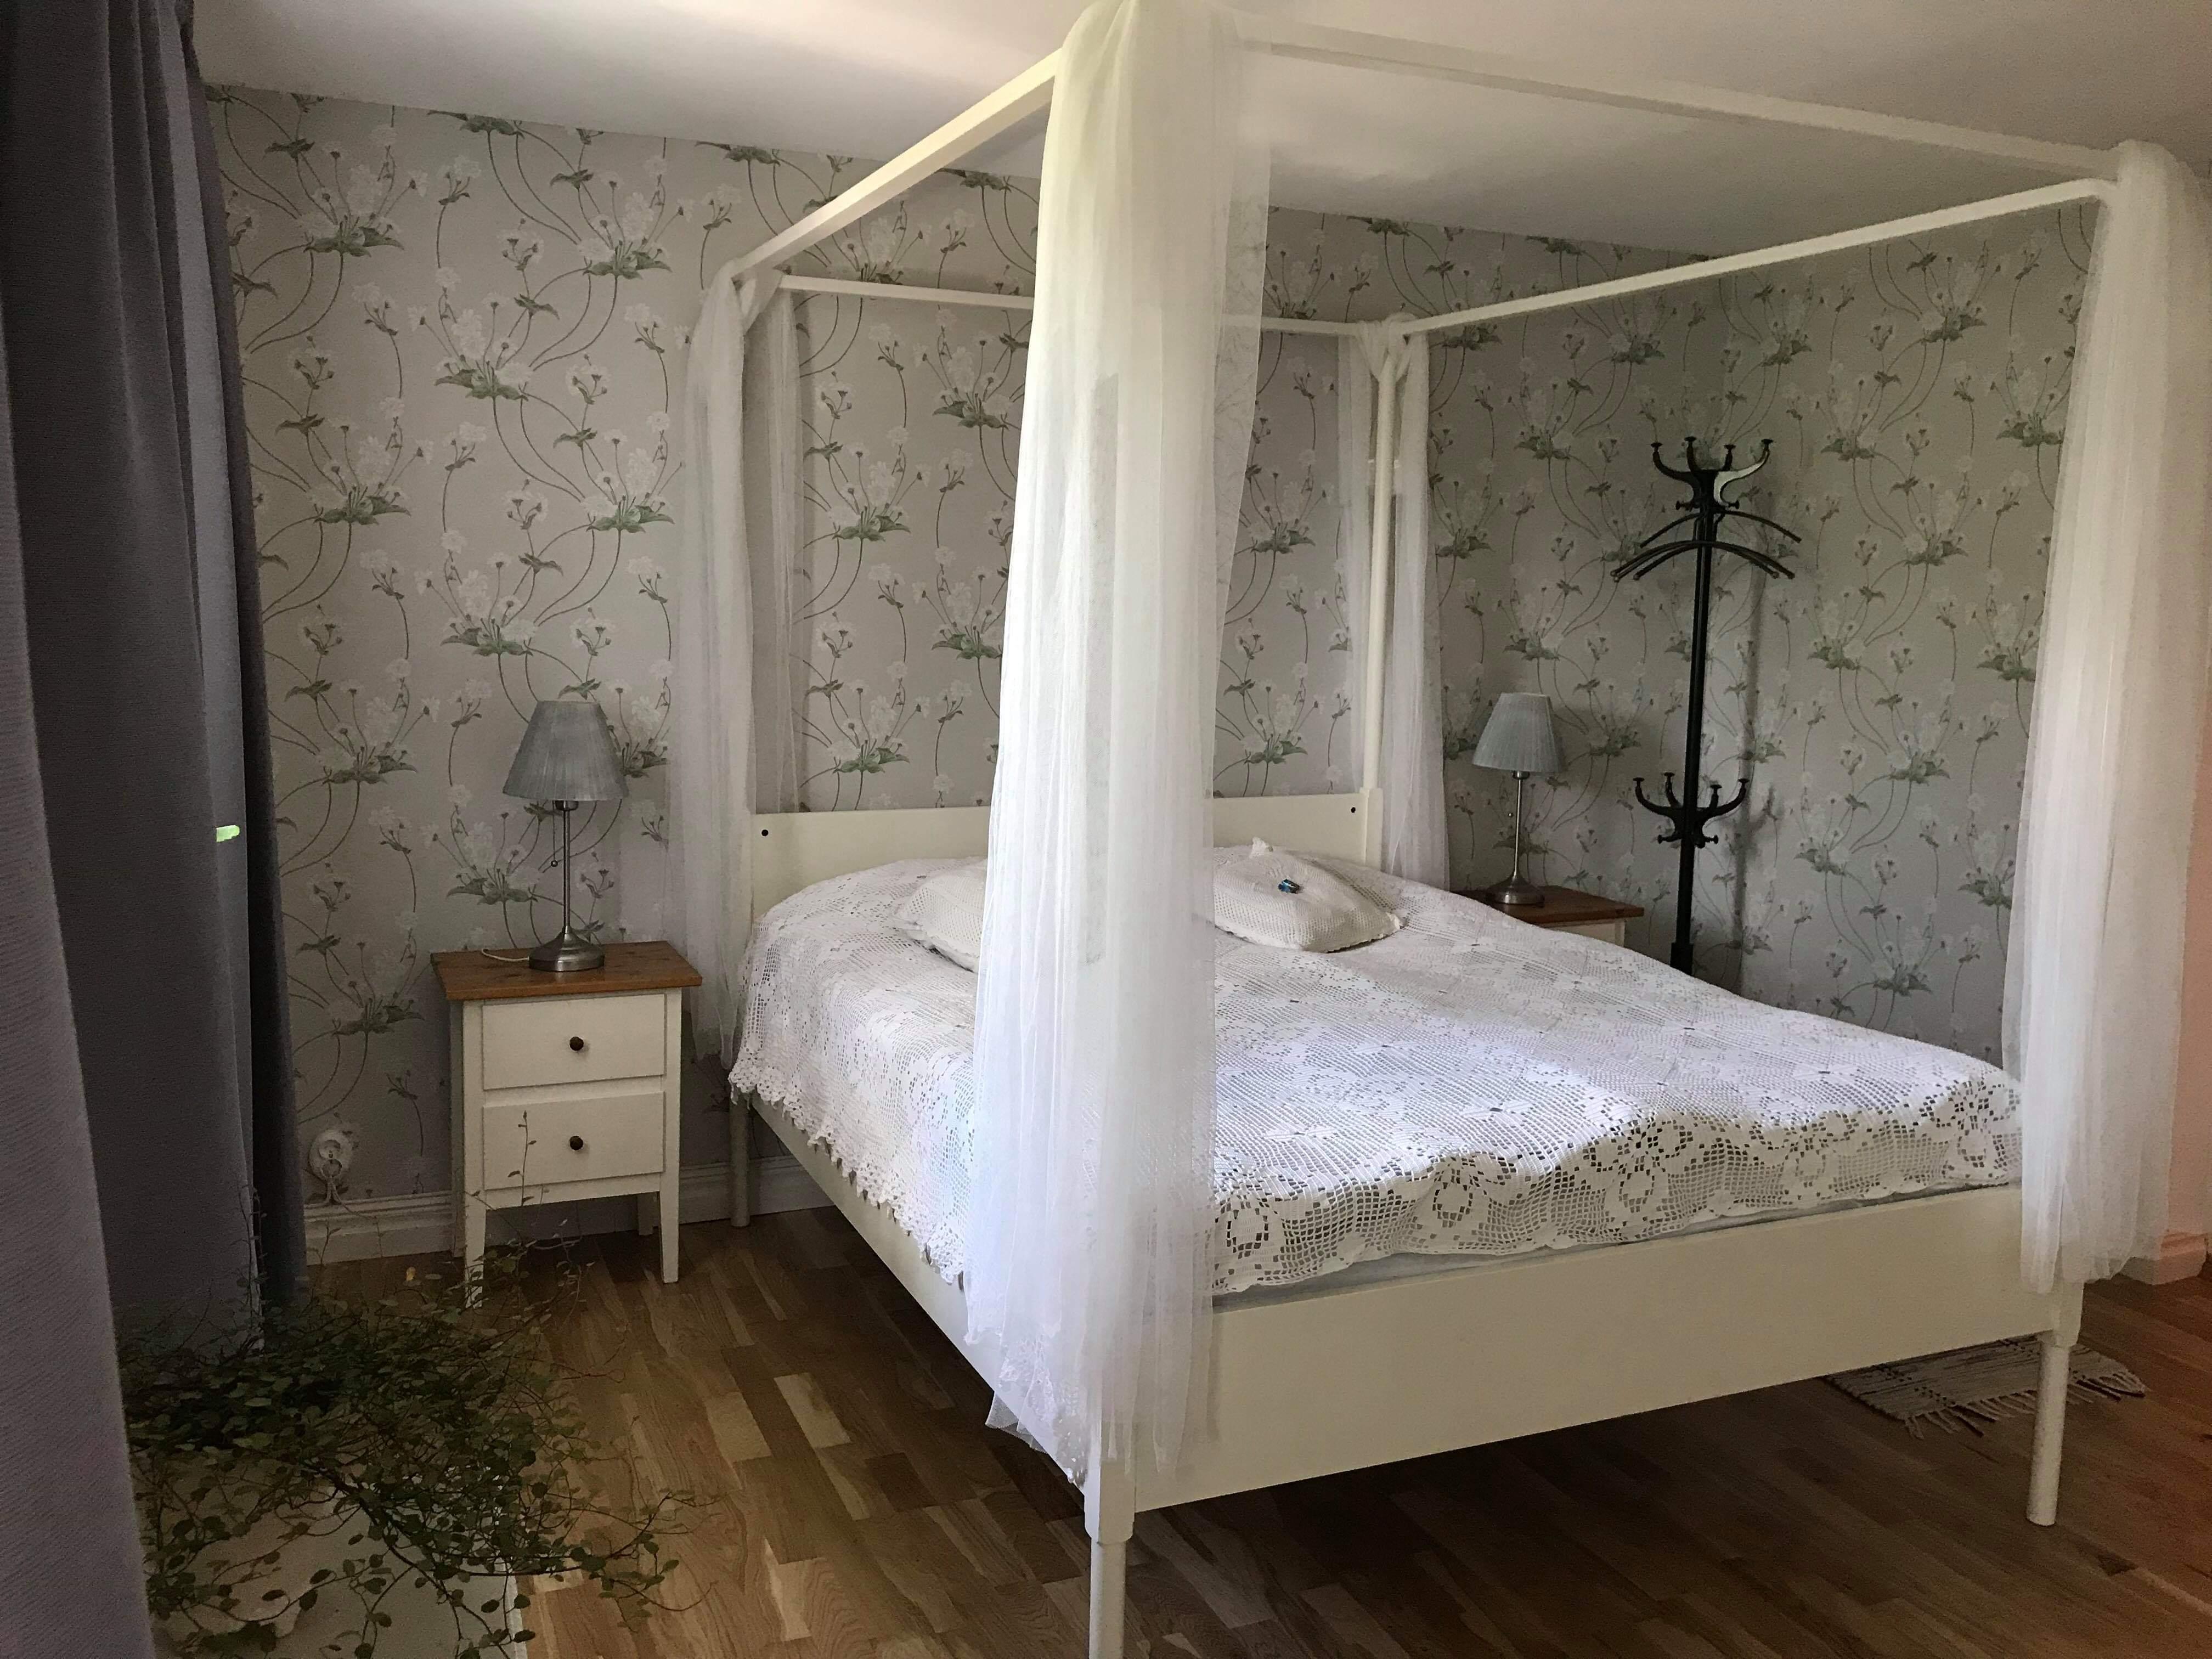 Hsslunda fattigstuga B&B, rum Viola - Bed and - Airbnb